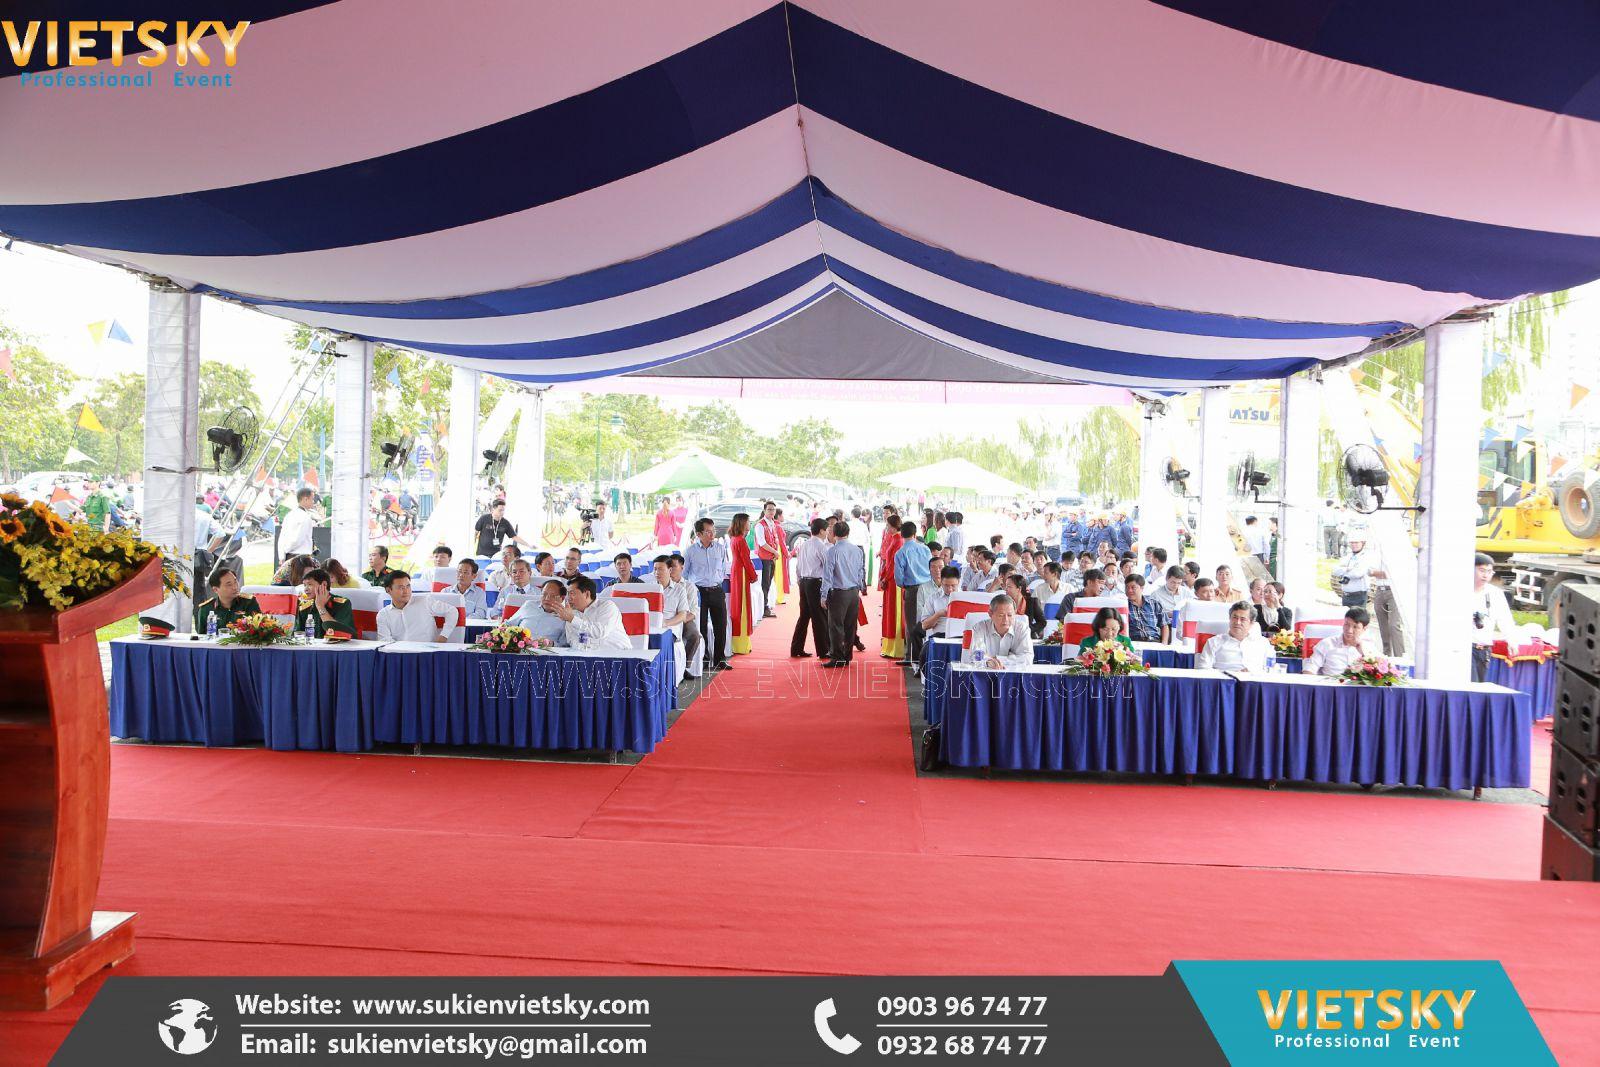 tổ chức lễ khởi công chuyên nghiệp tại đồng nai